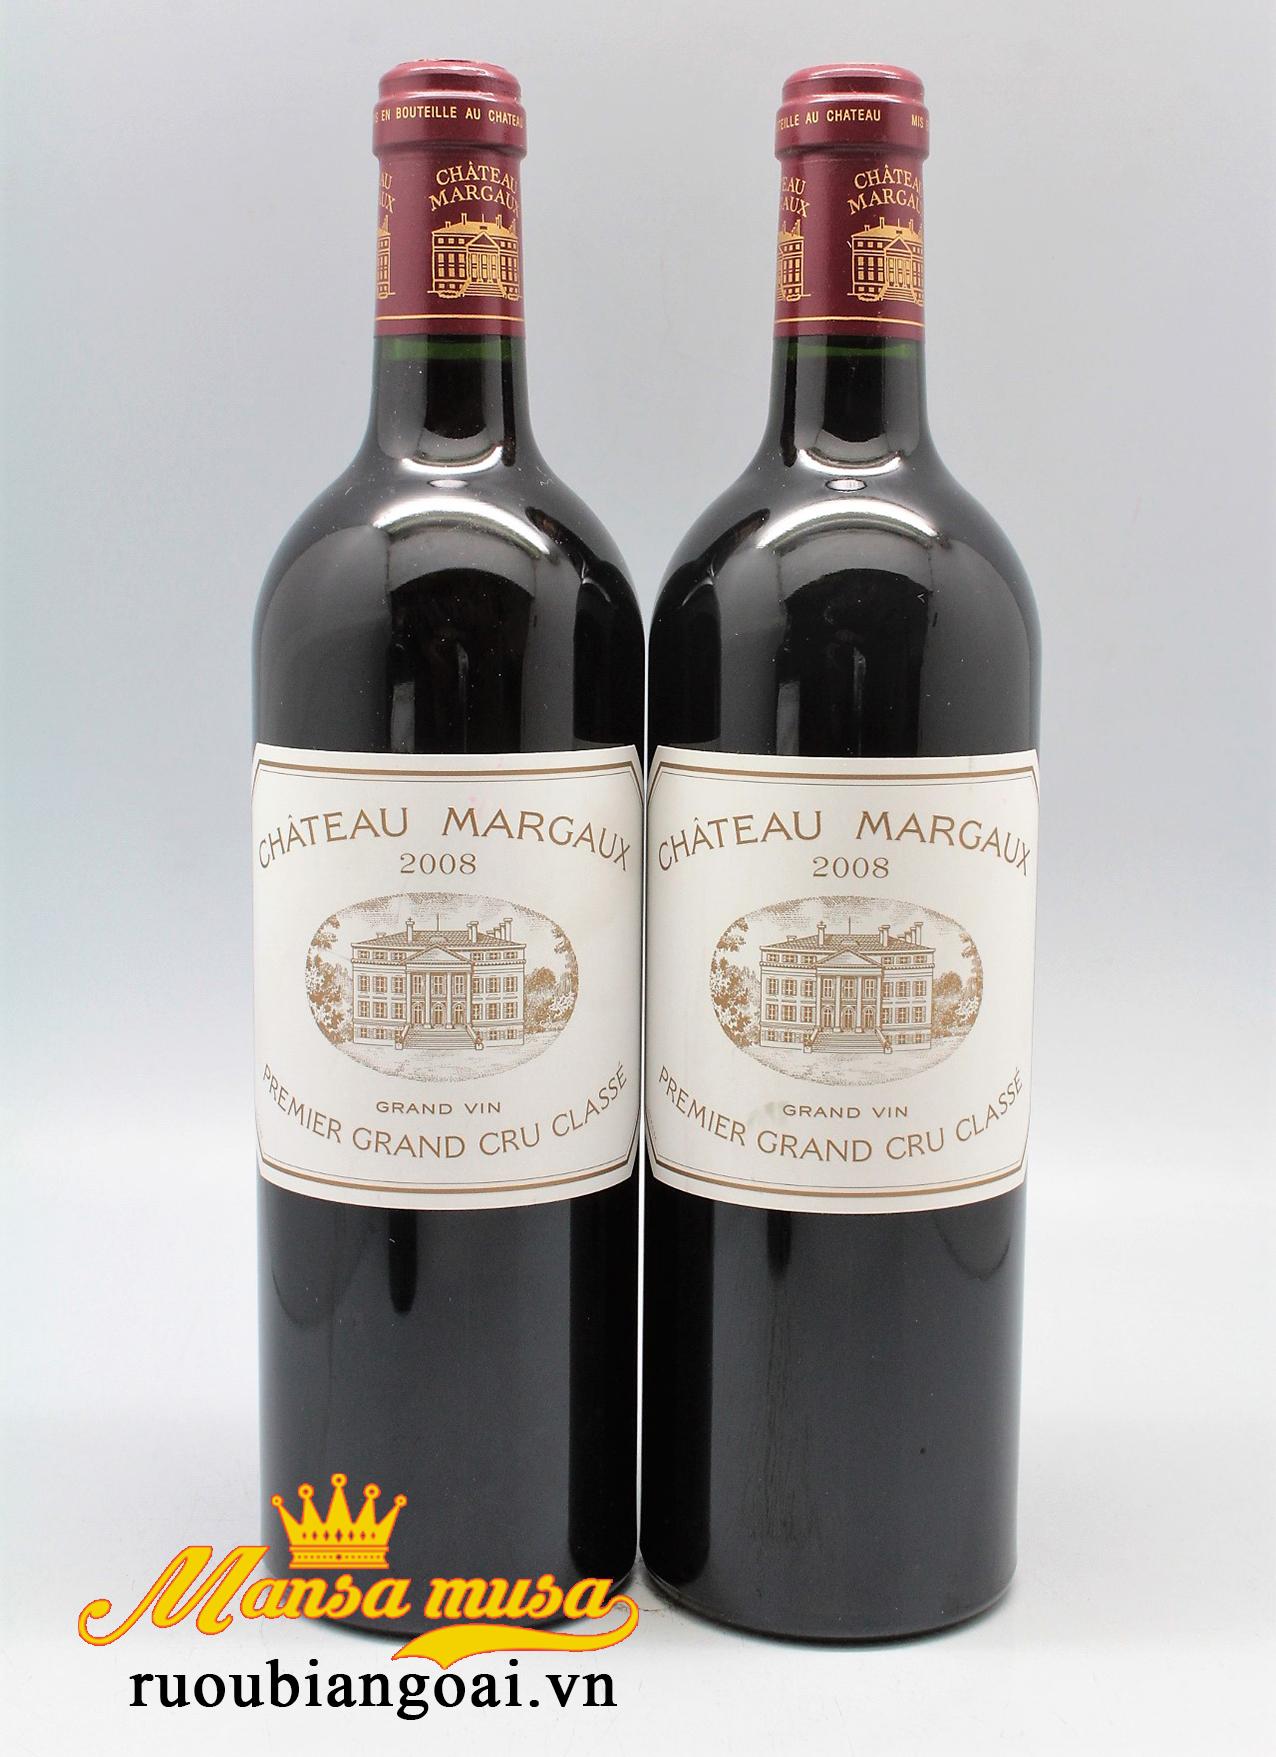 Thưởng thức rượu vang đỏ pháp Chateau Margaux 2008